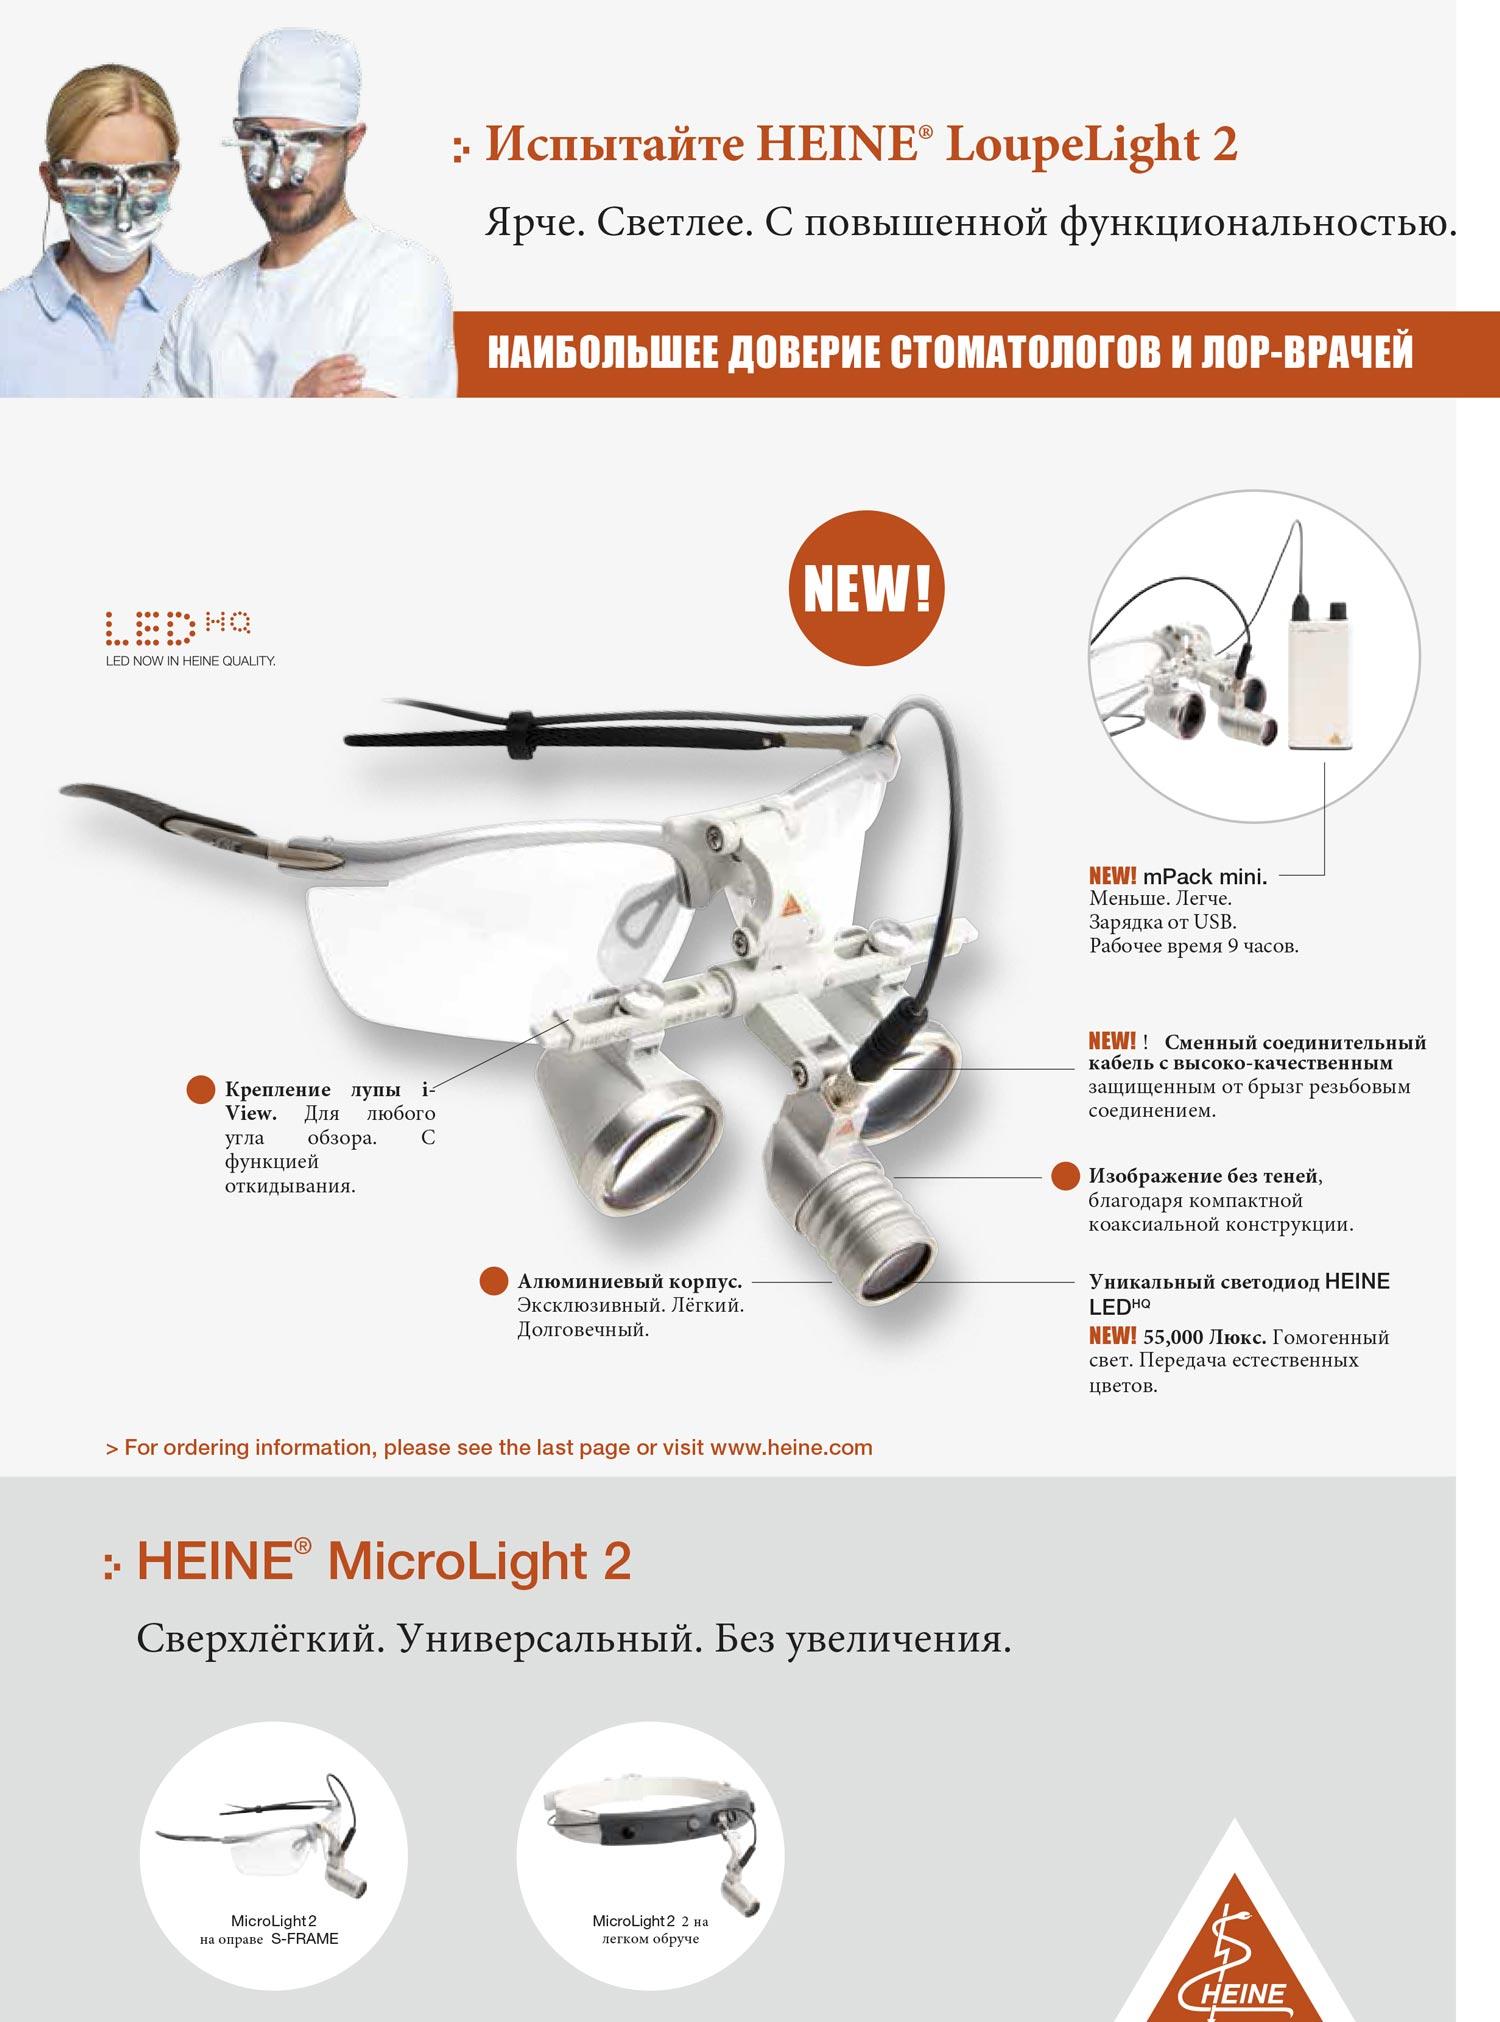 HEINE LED LoupeLight 2 - компактная светодиодная модель лампы – теперь еще ярче!